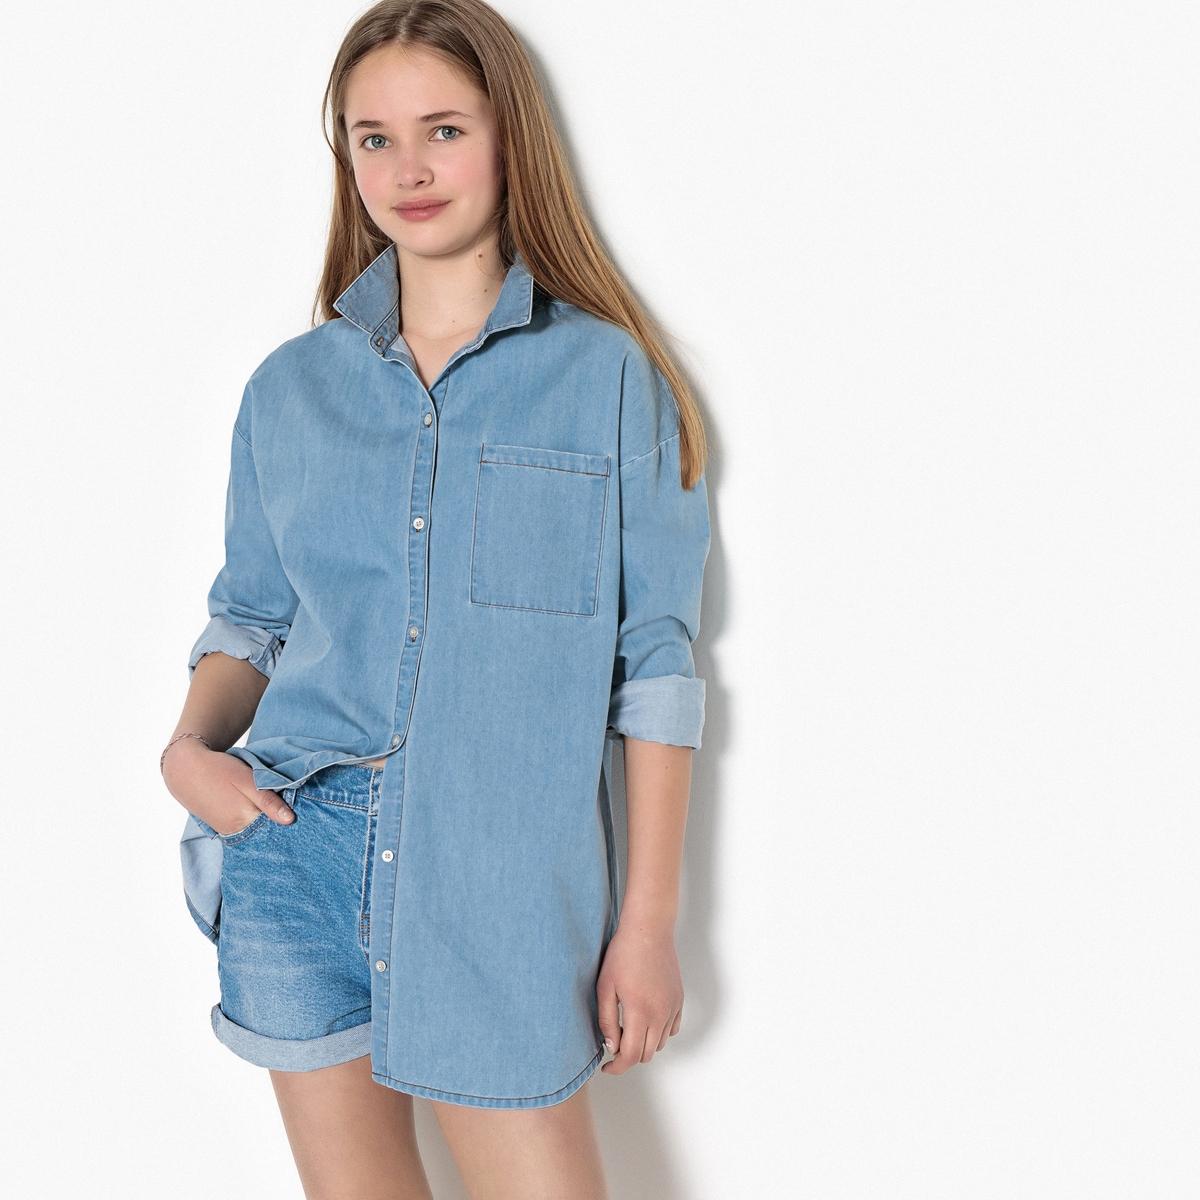 Рубашка покроя оверсайз из джинсовой ткани, 10-16 лет